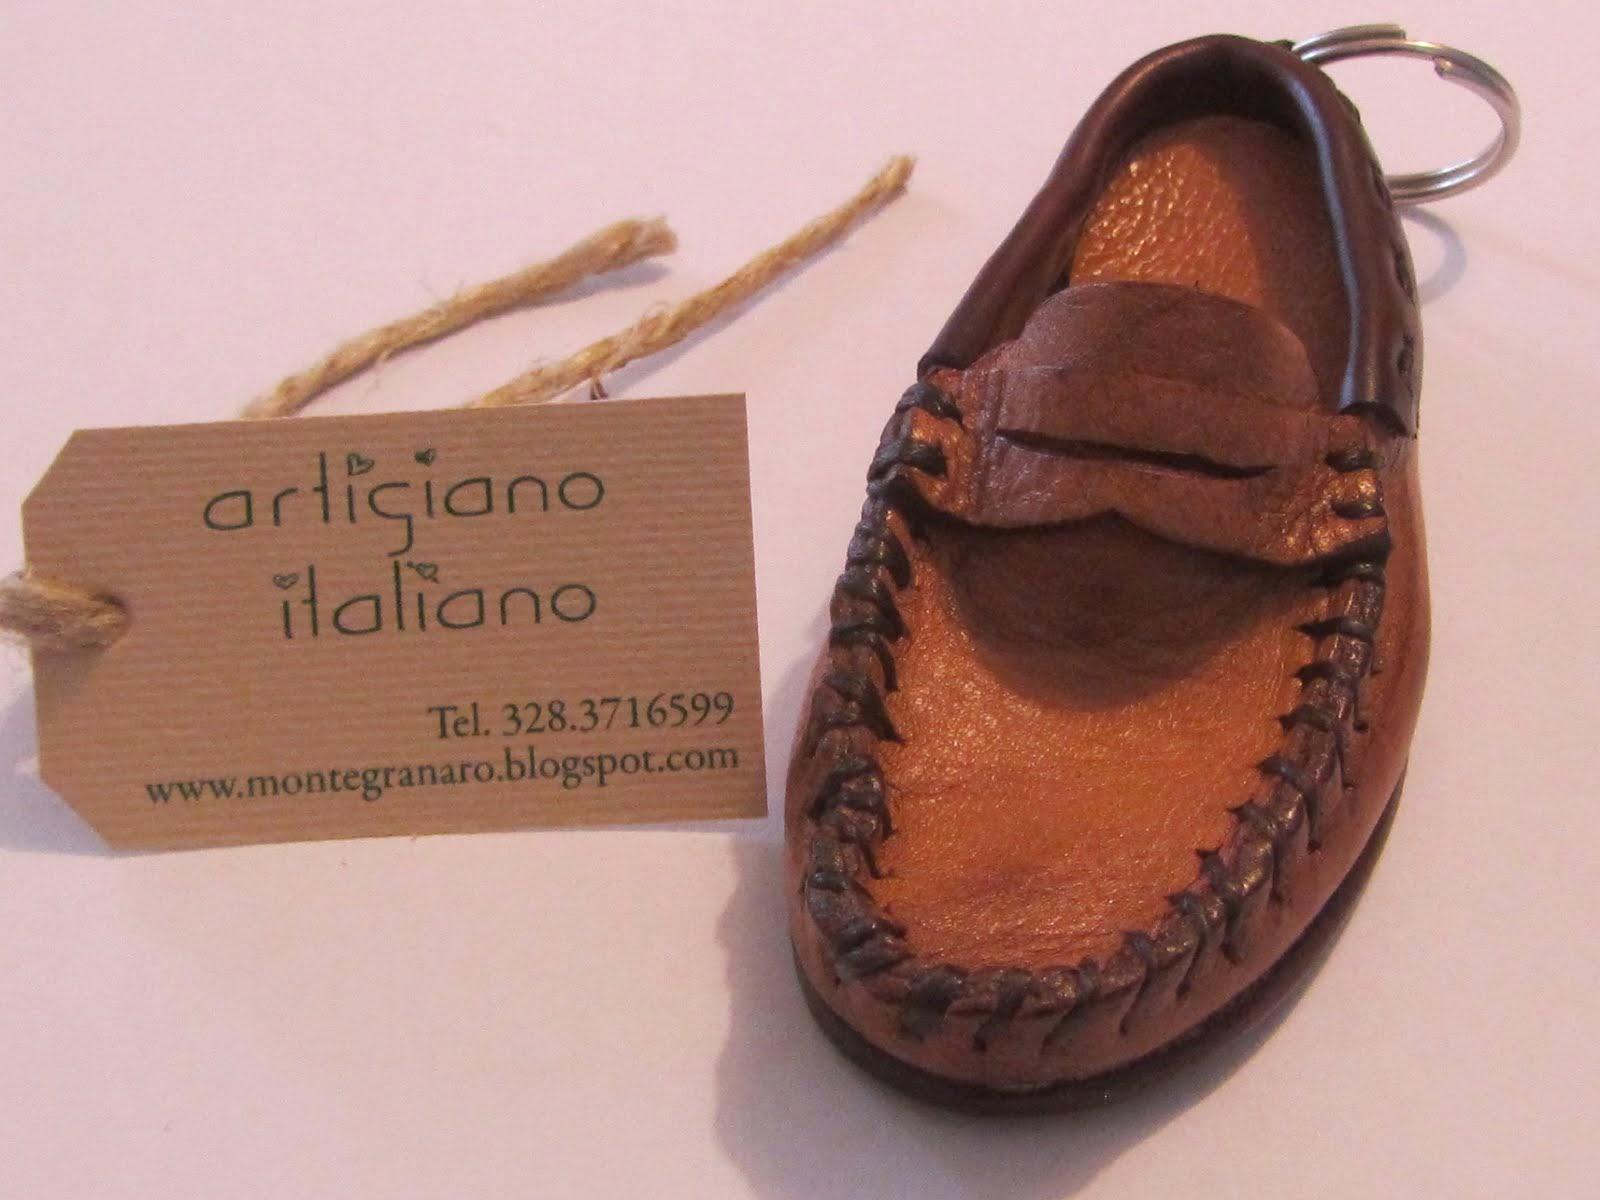 Artigiano che produce portachiavi a forma di scarpa